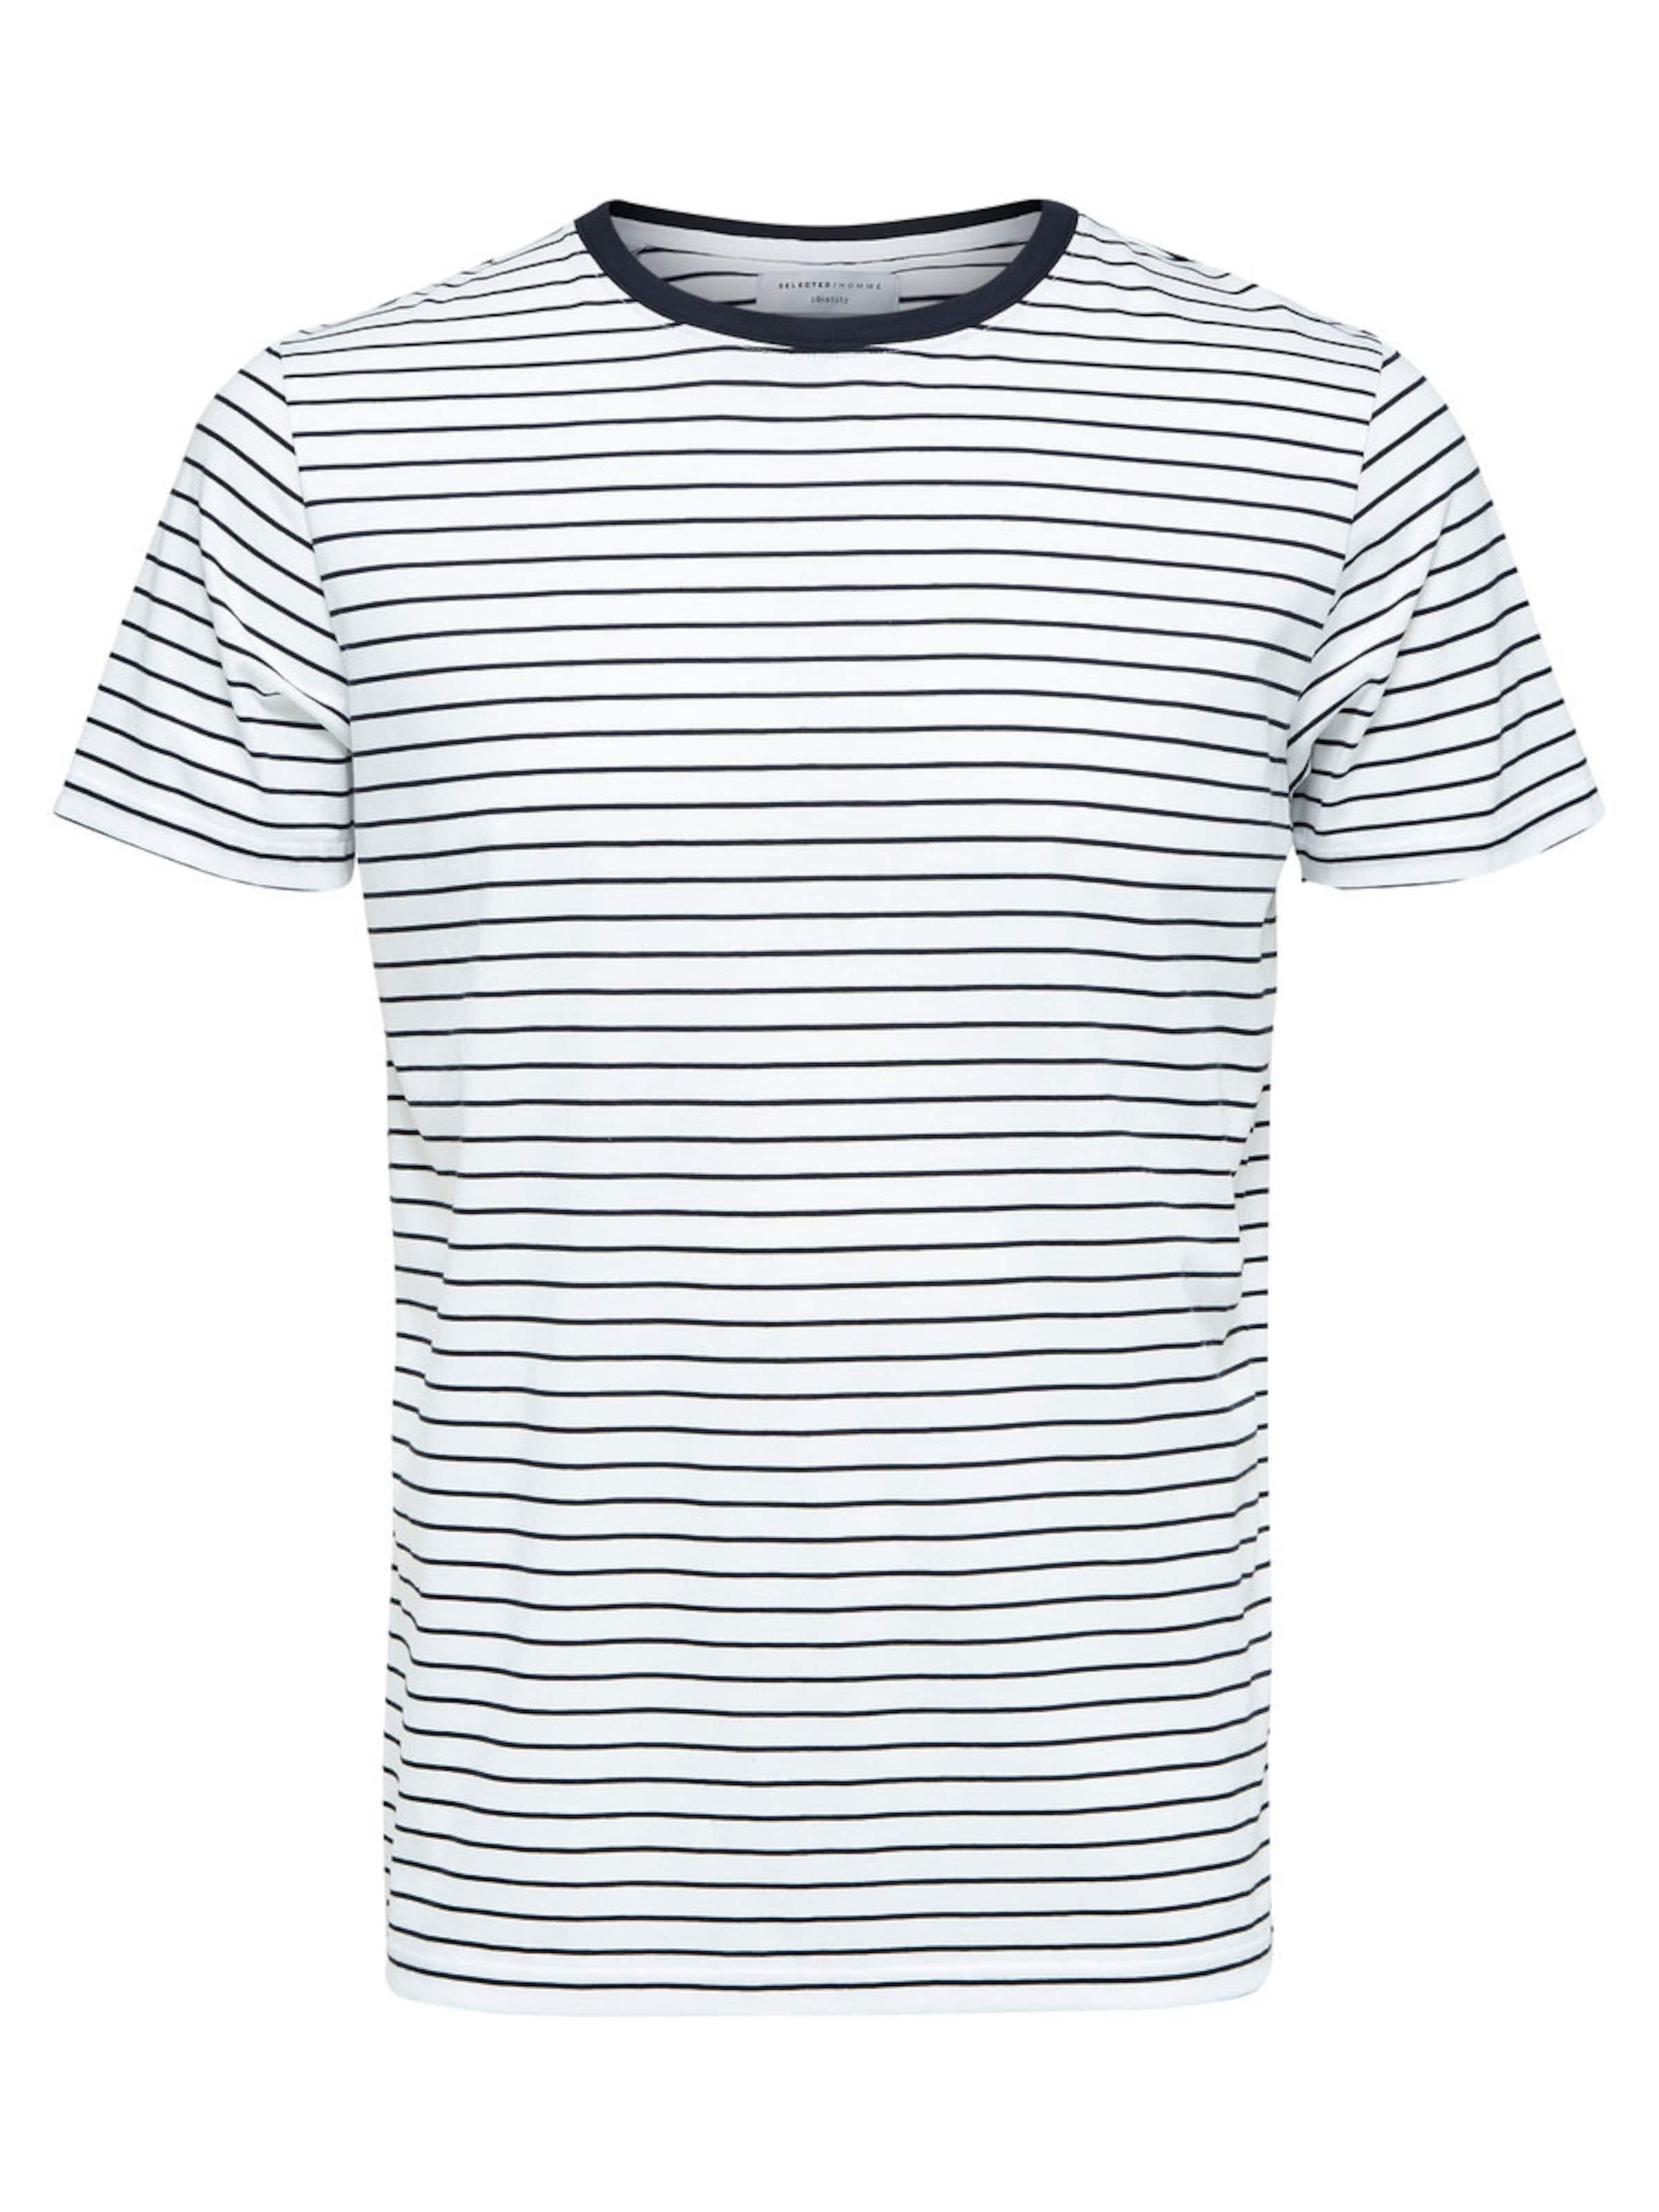 SELECTED HOMME Gestreiftes T-Shirt Spielraum Großer Verkauf Spielraum Online Amazon Neue Version Wo Zu Kaufen 5V5F0TL